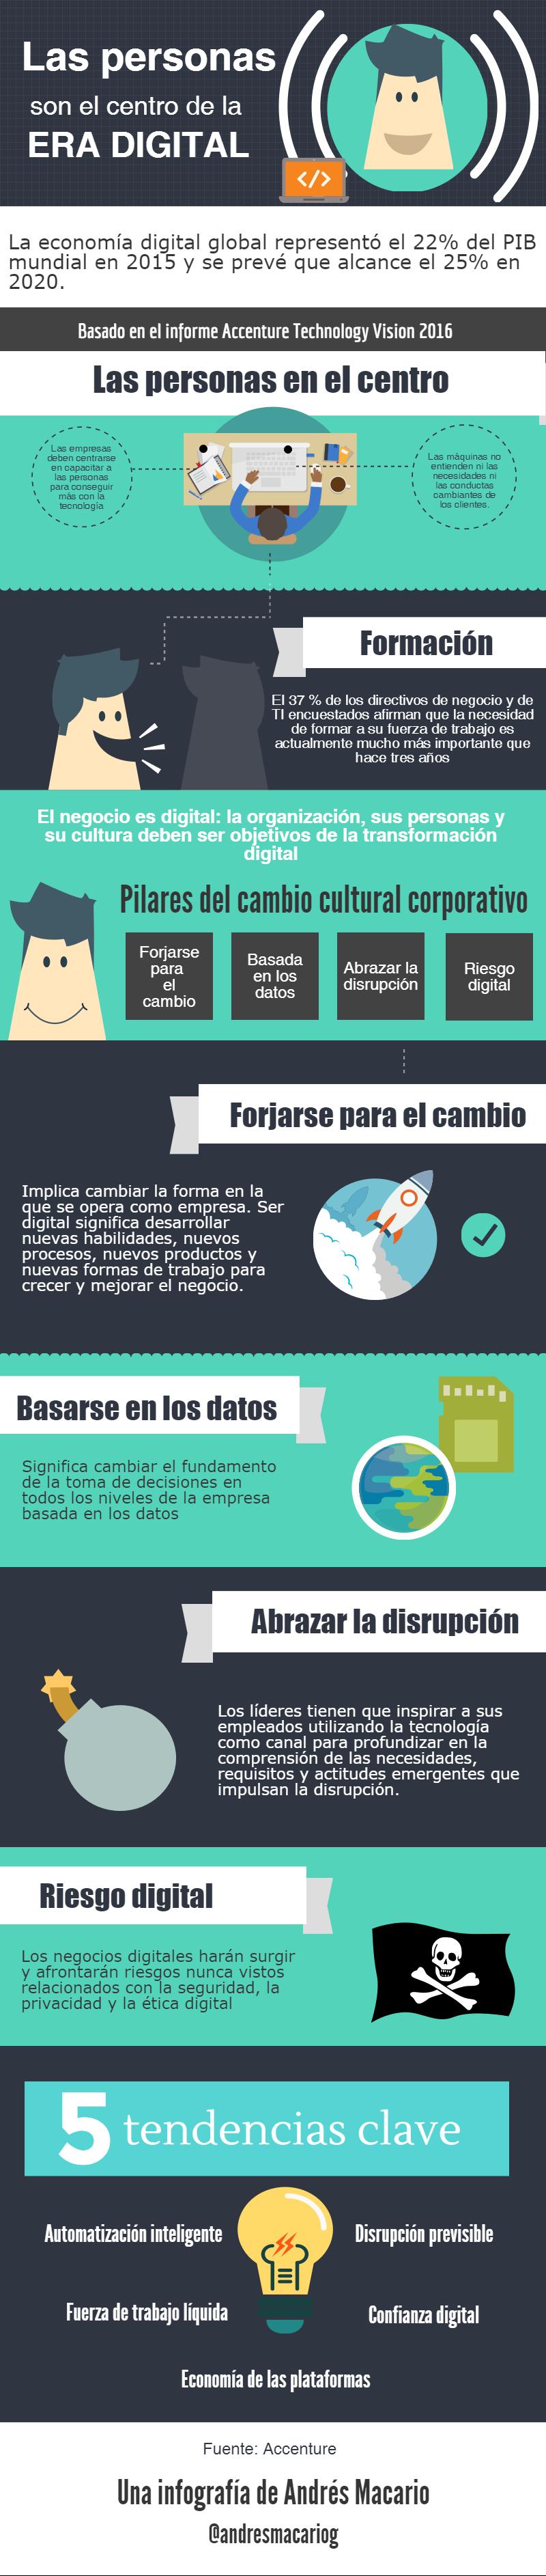 Personas son el centro de la era digital-Infografia Andres Macario